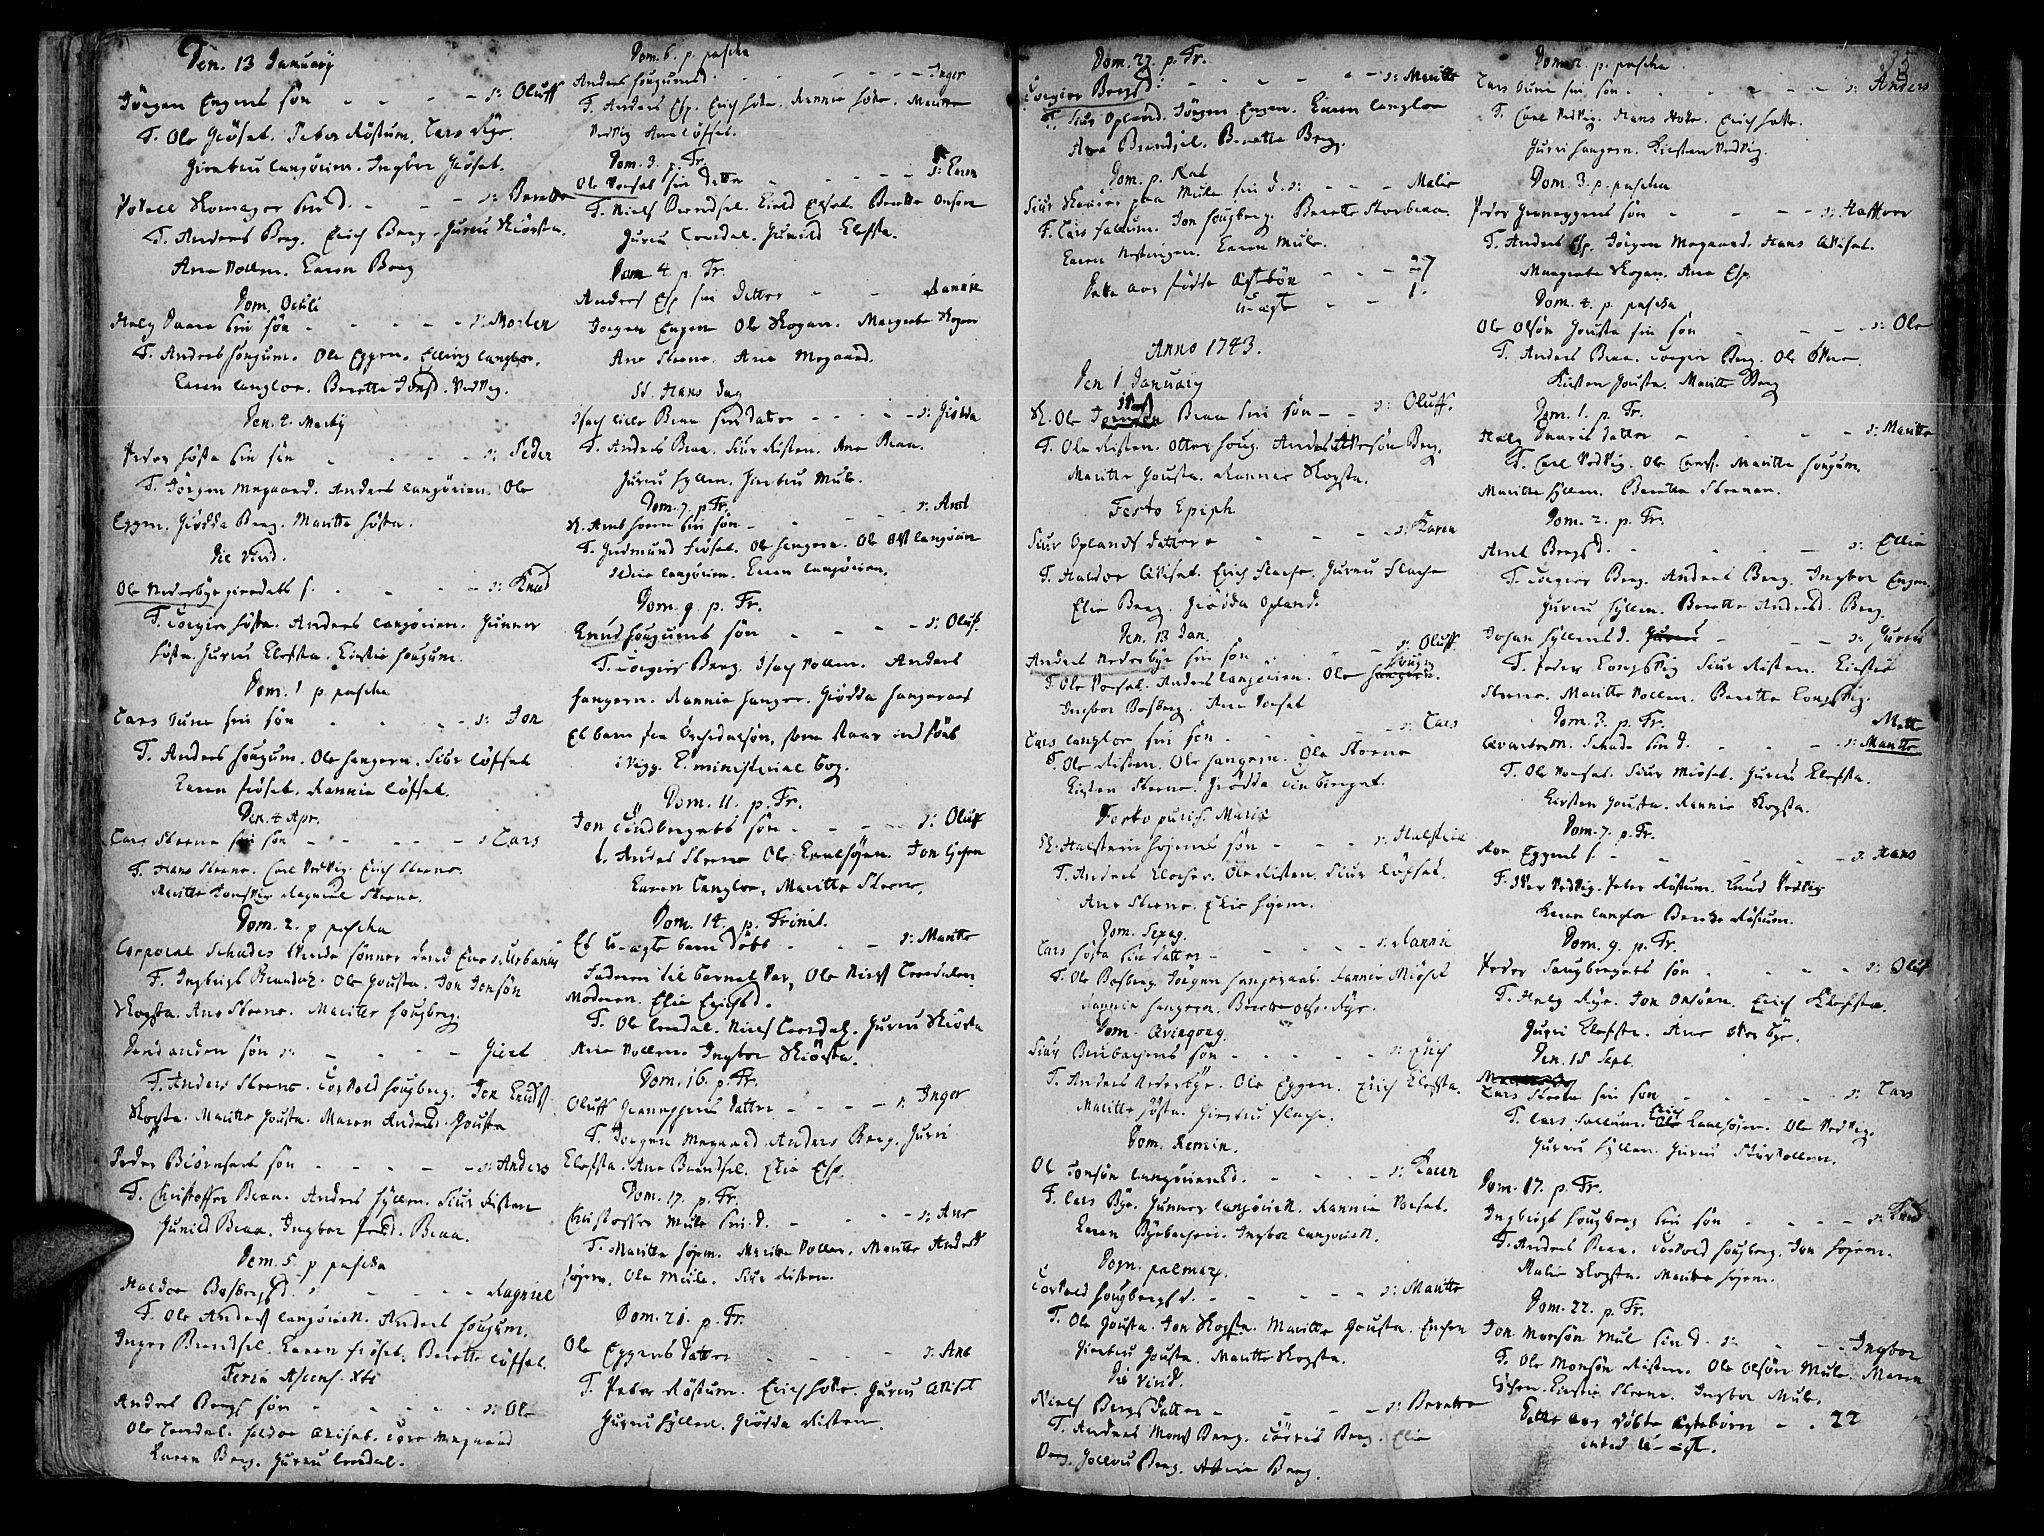 SAT, Ministerialprotokoller, klokkerbøker og fødselsregistre - Sør-Trøndelag, 612/L0368: Ministerialbok nr. 612A02, 1702-1753, s. 35